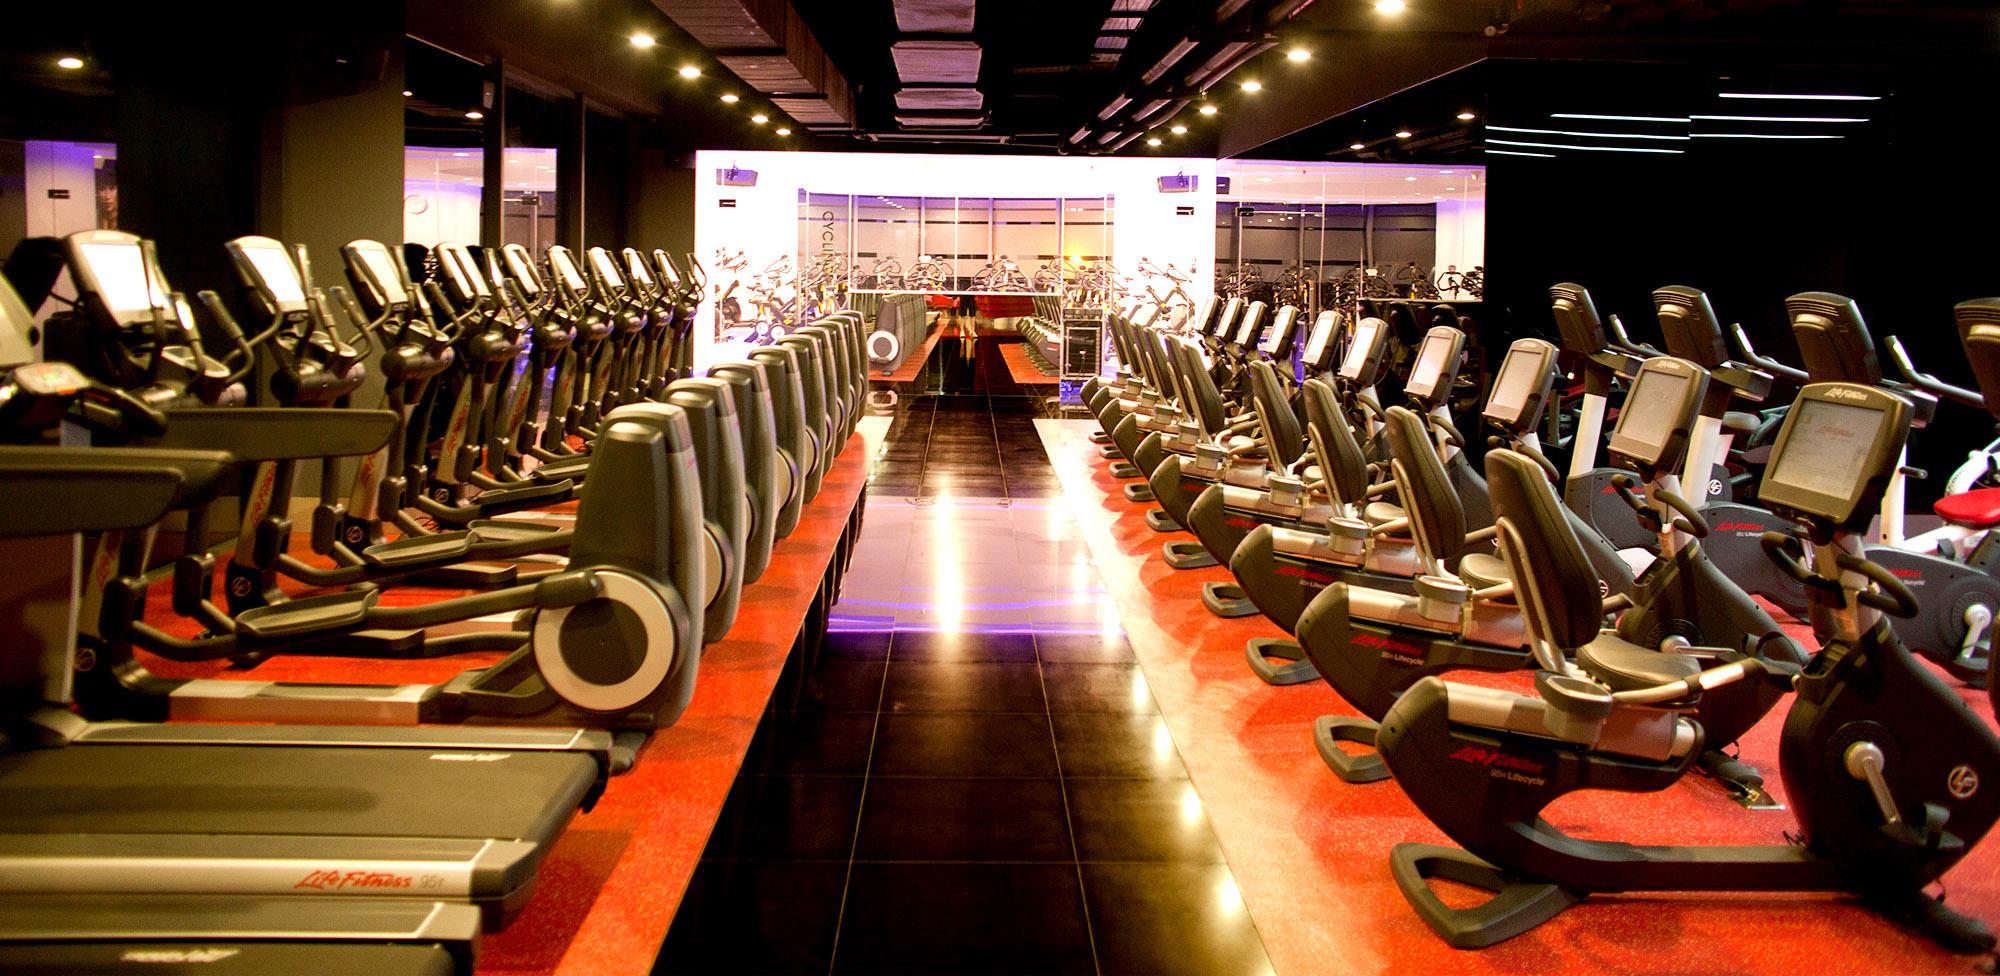 Dựa vào tiêu chí nào để đánh giá thiết bị phòng tập Gym